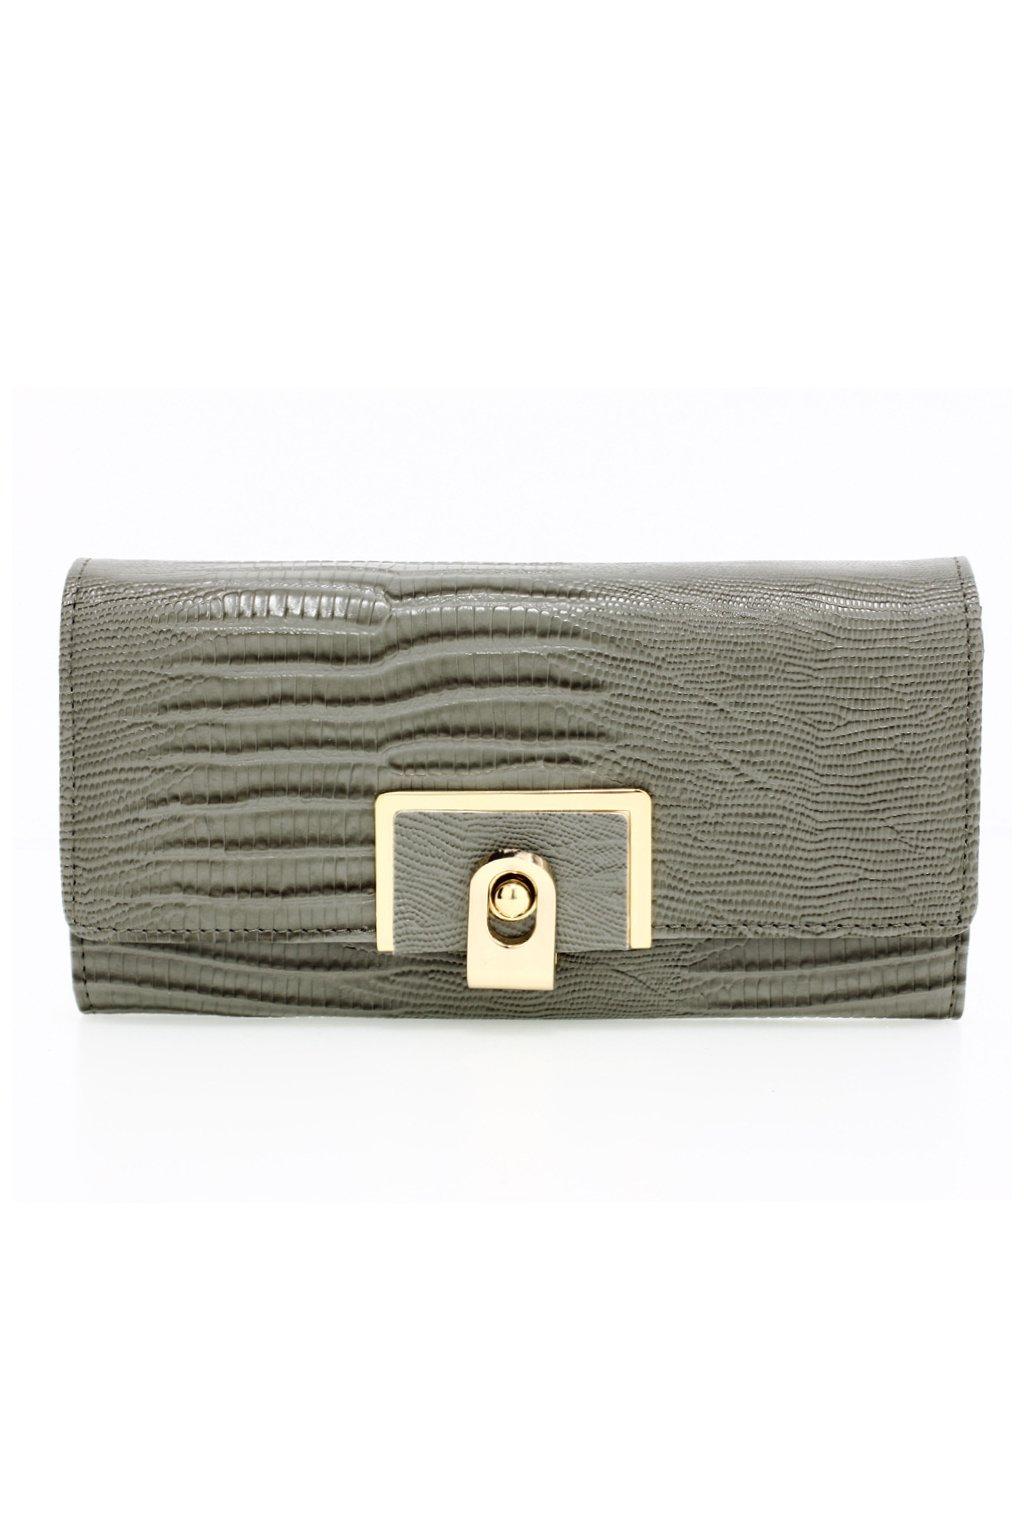 Sivá peňaženka pre ženy Tiara AGP1092